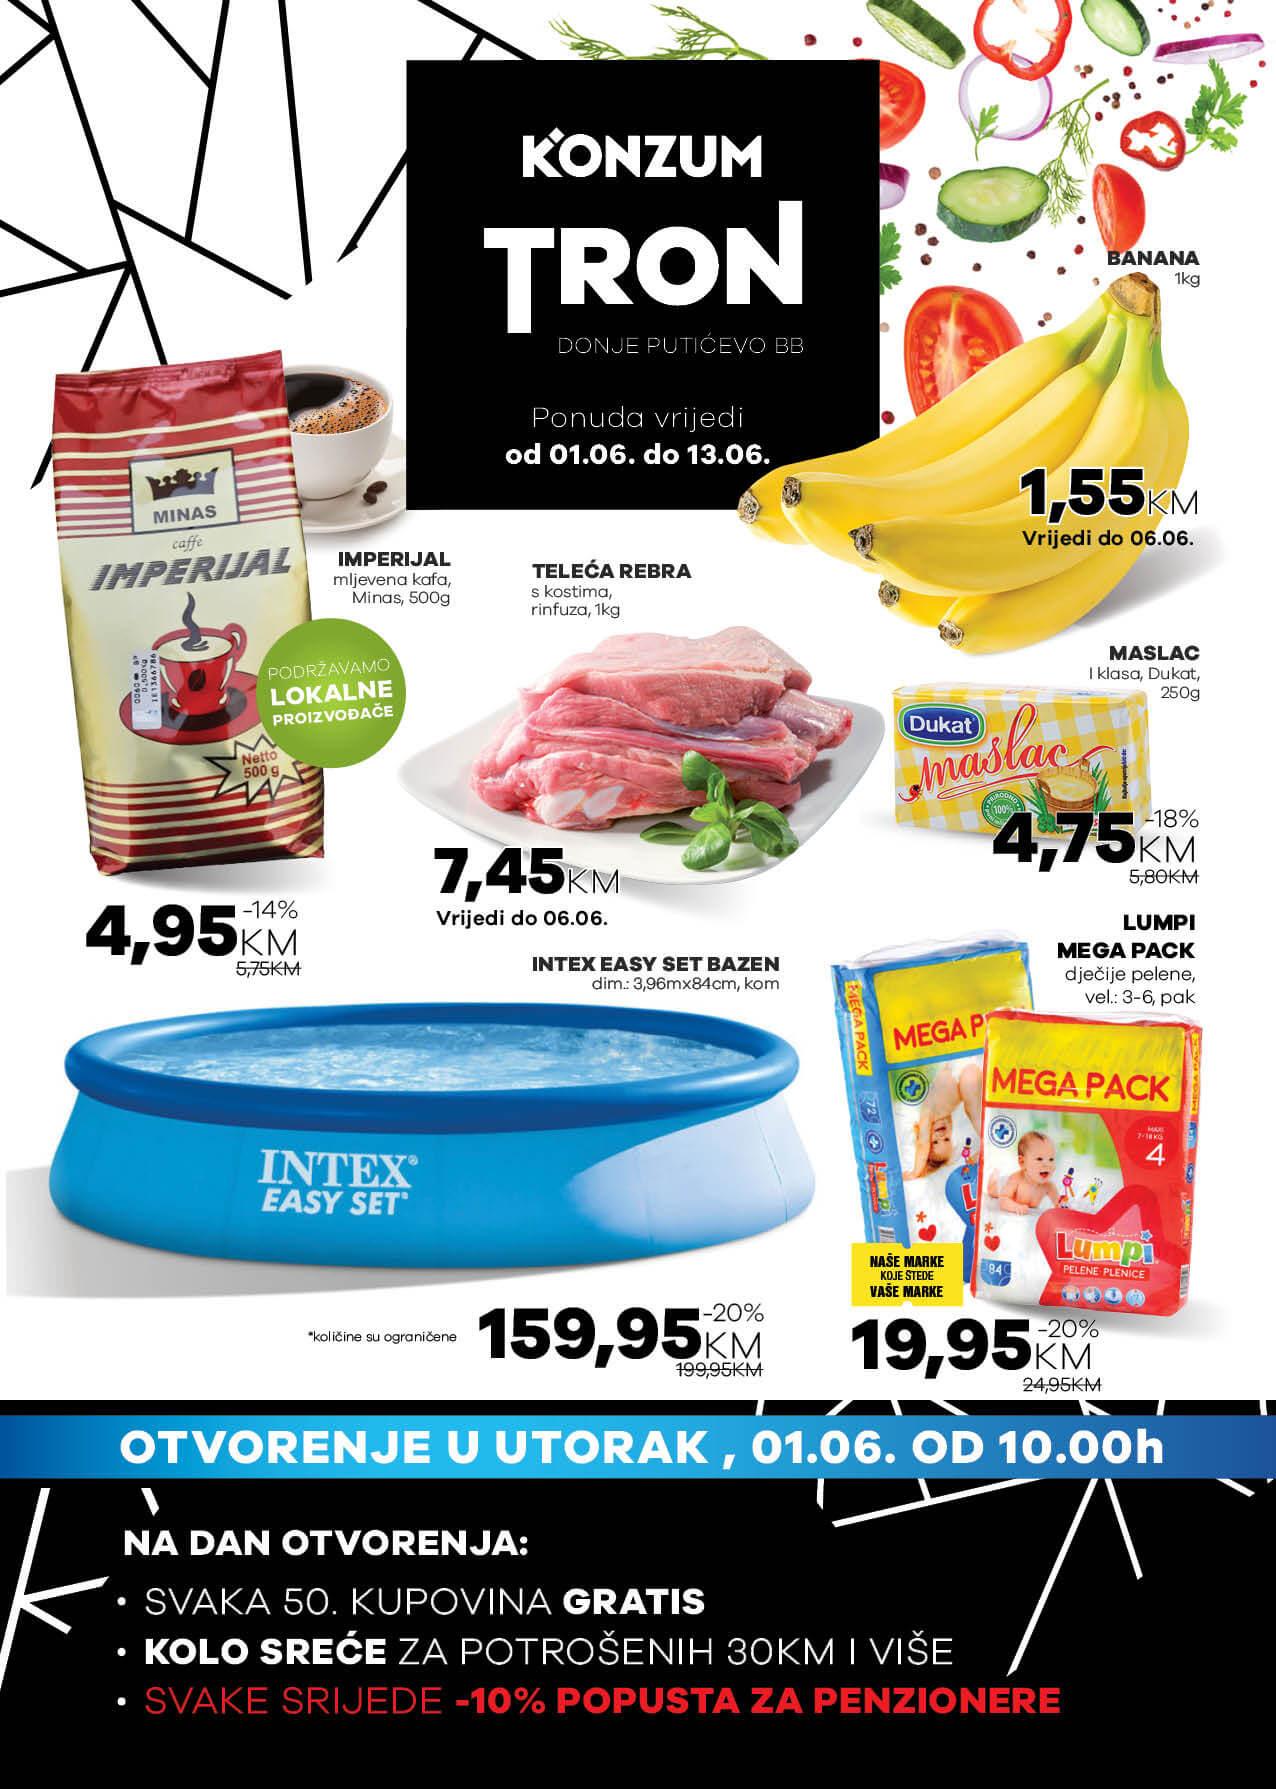 Konzum TRON katalog JUN 2021 01.06. 13.06. eKatalozi.com PR Page 1 1